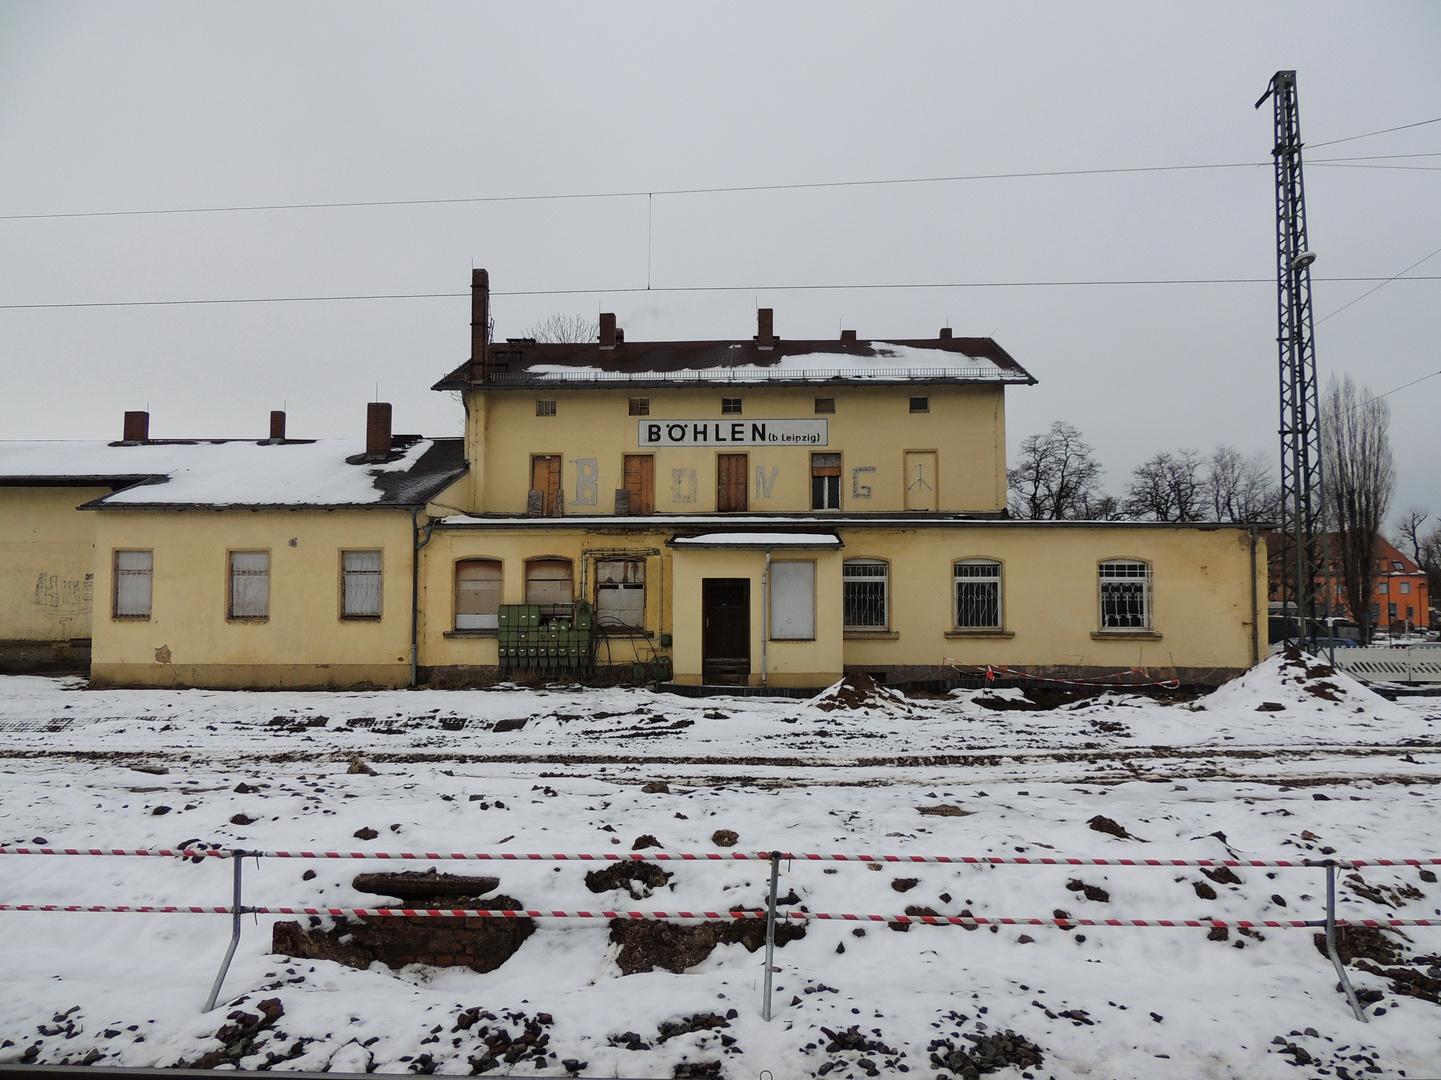 Bahnhof Böhlen #1